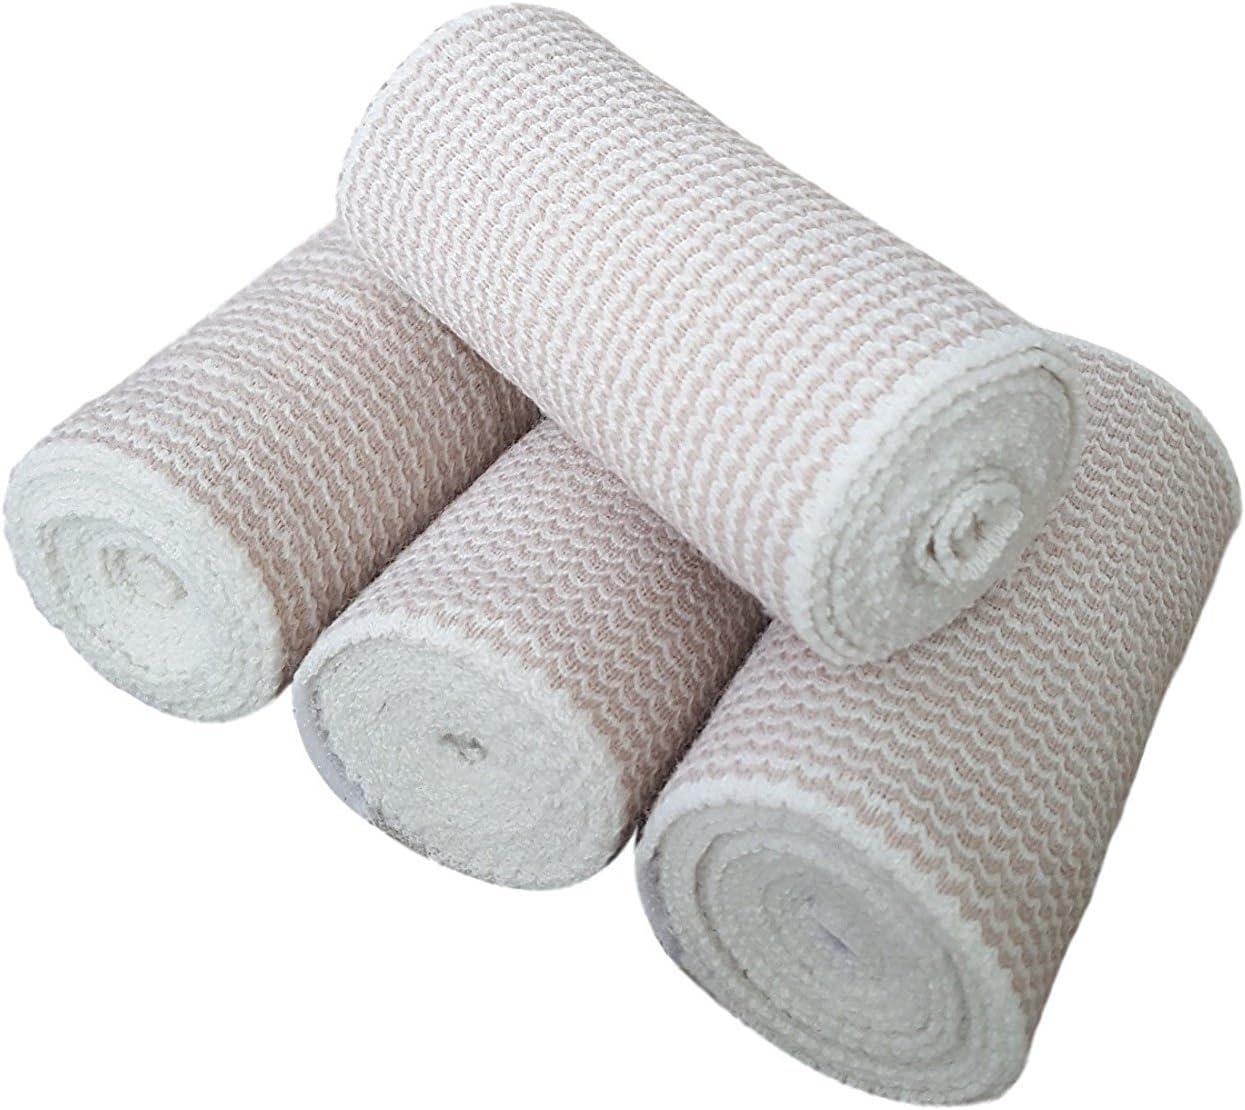 bandage elastică cu varicoză)